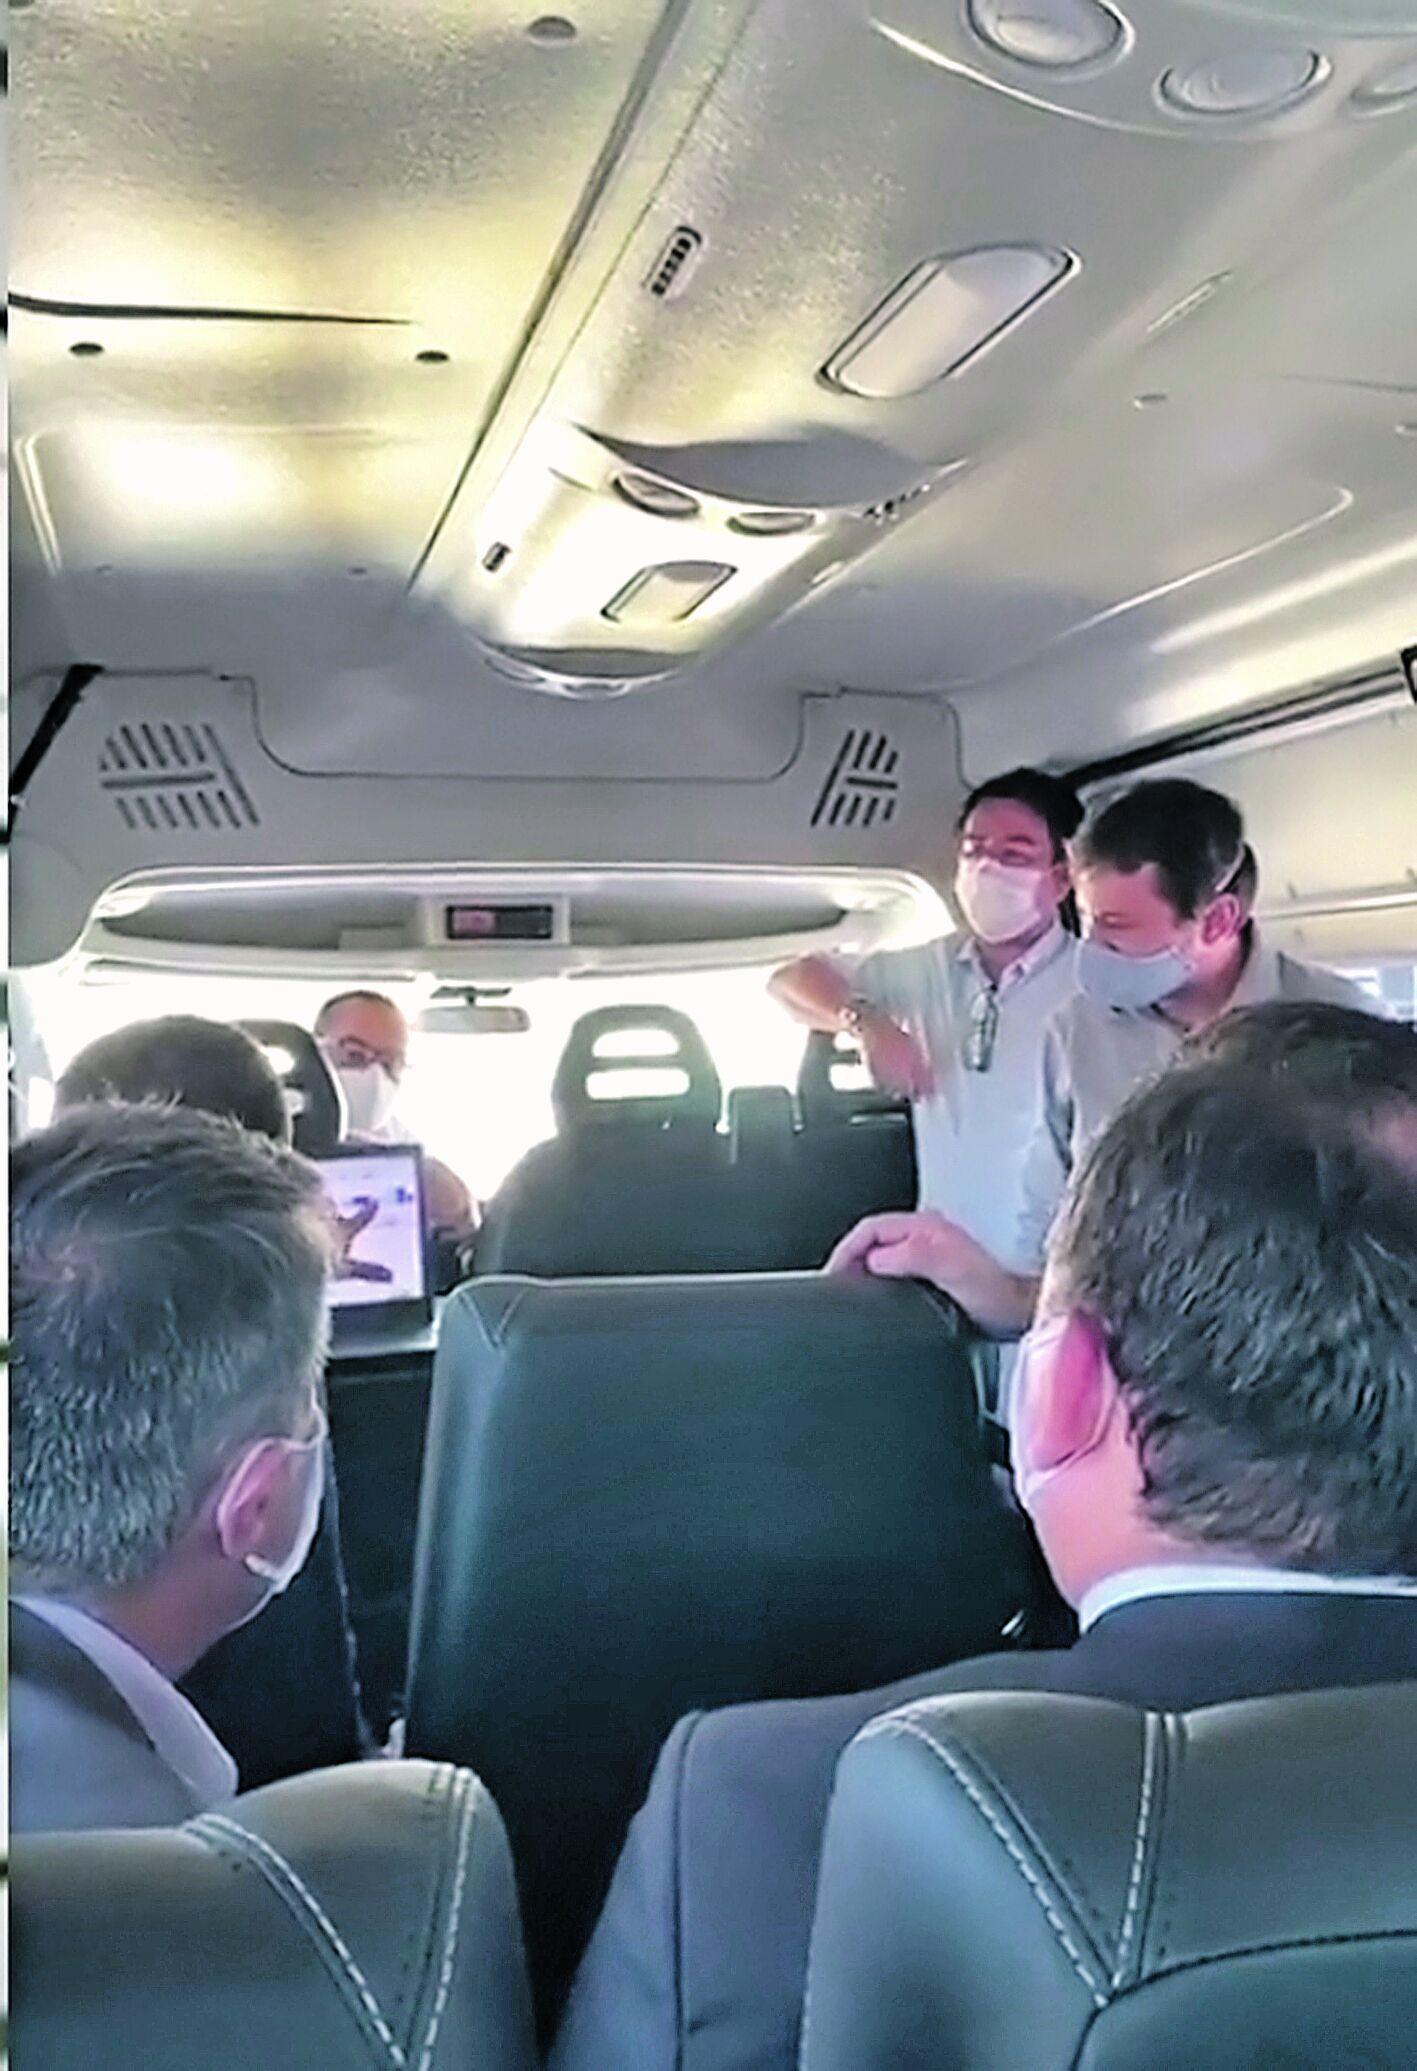 Foto registra o momento em que o equipamento foi apresentado a integrantes do MP-PA, antes da decisão judicial